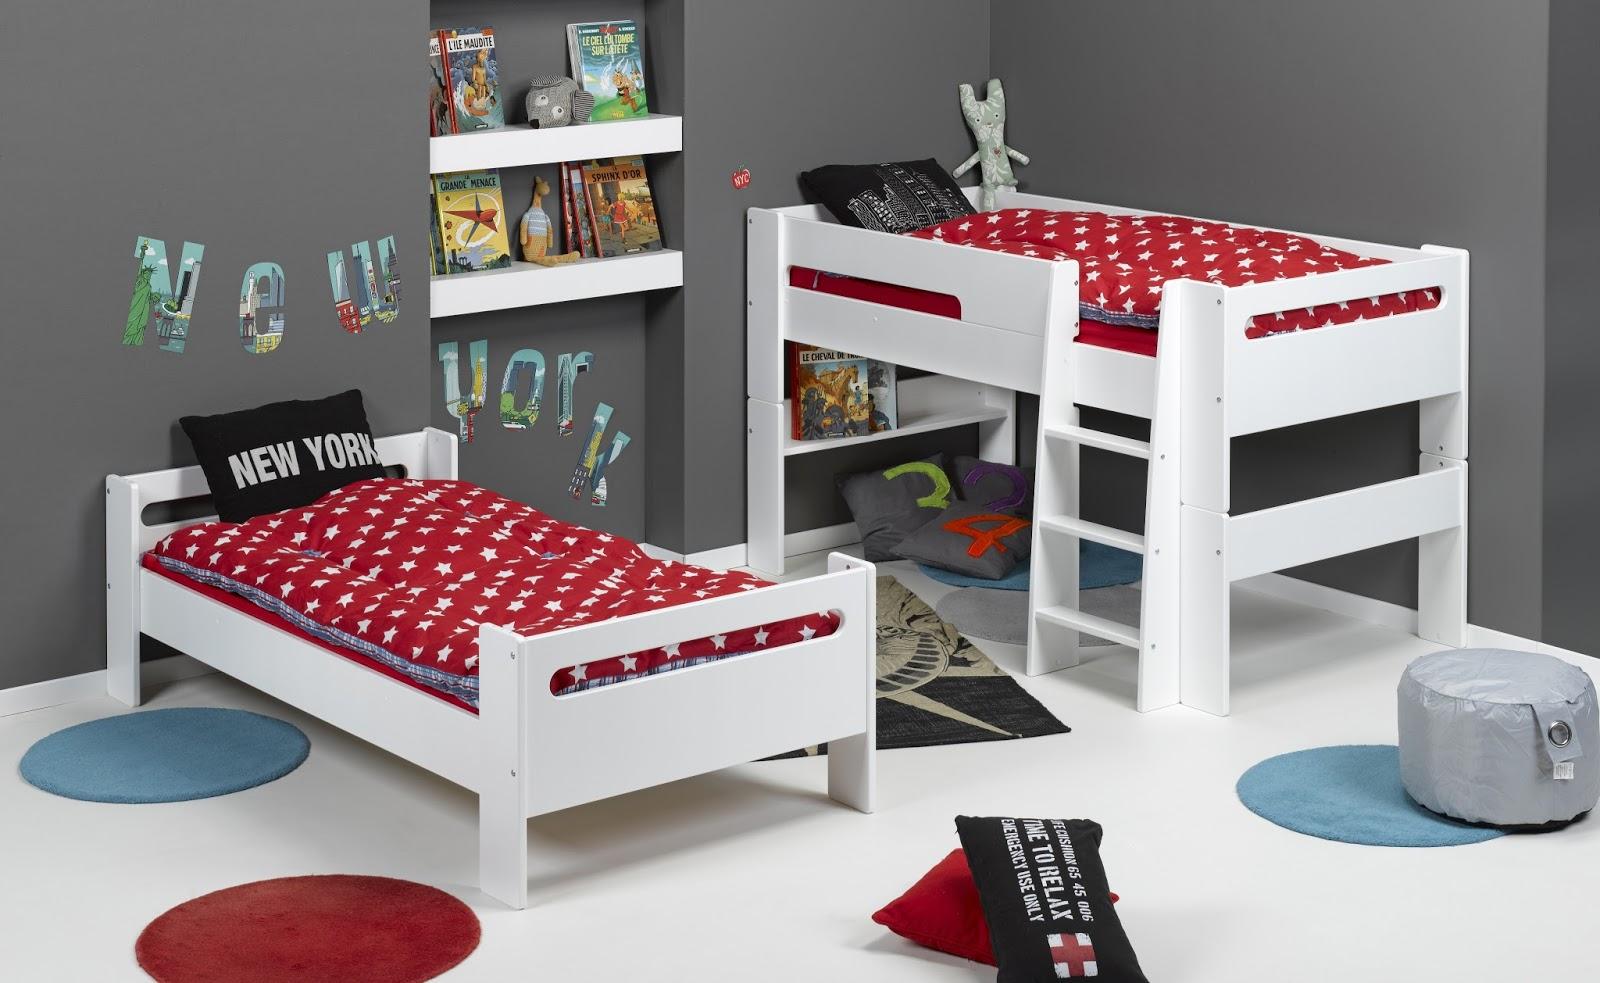 lit mezzanine pas trop haut vuesdesofia. Black Bedroom Furniture Sets. Home Design Ideas